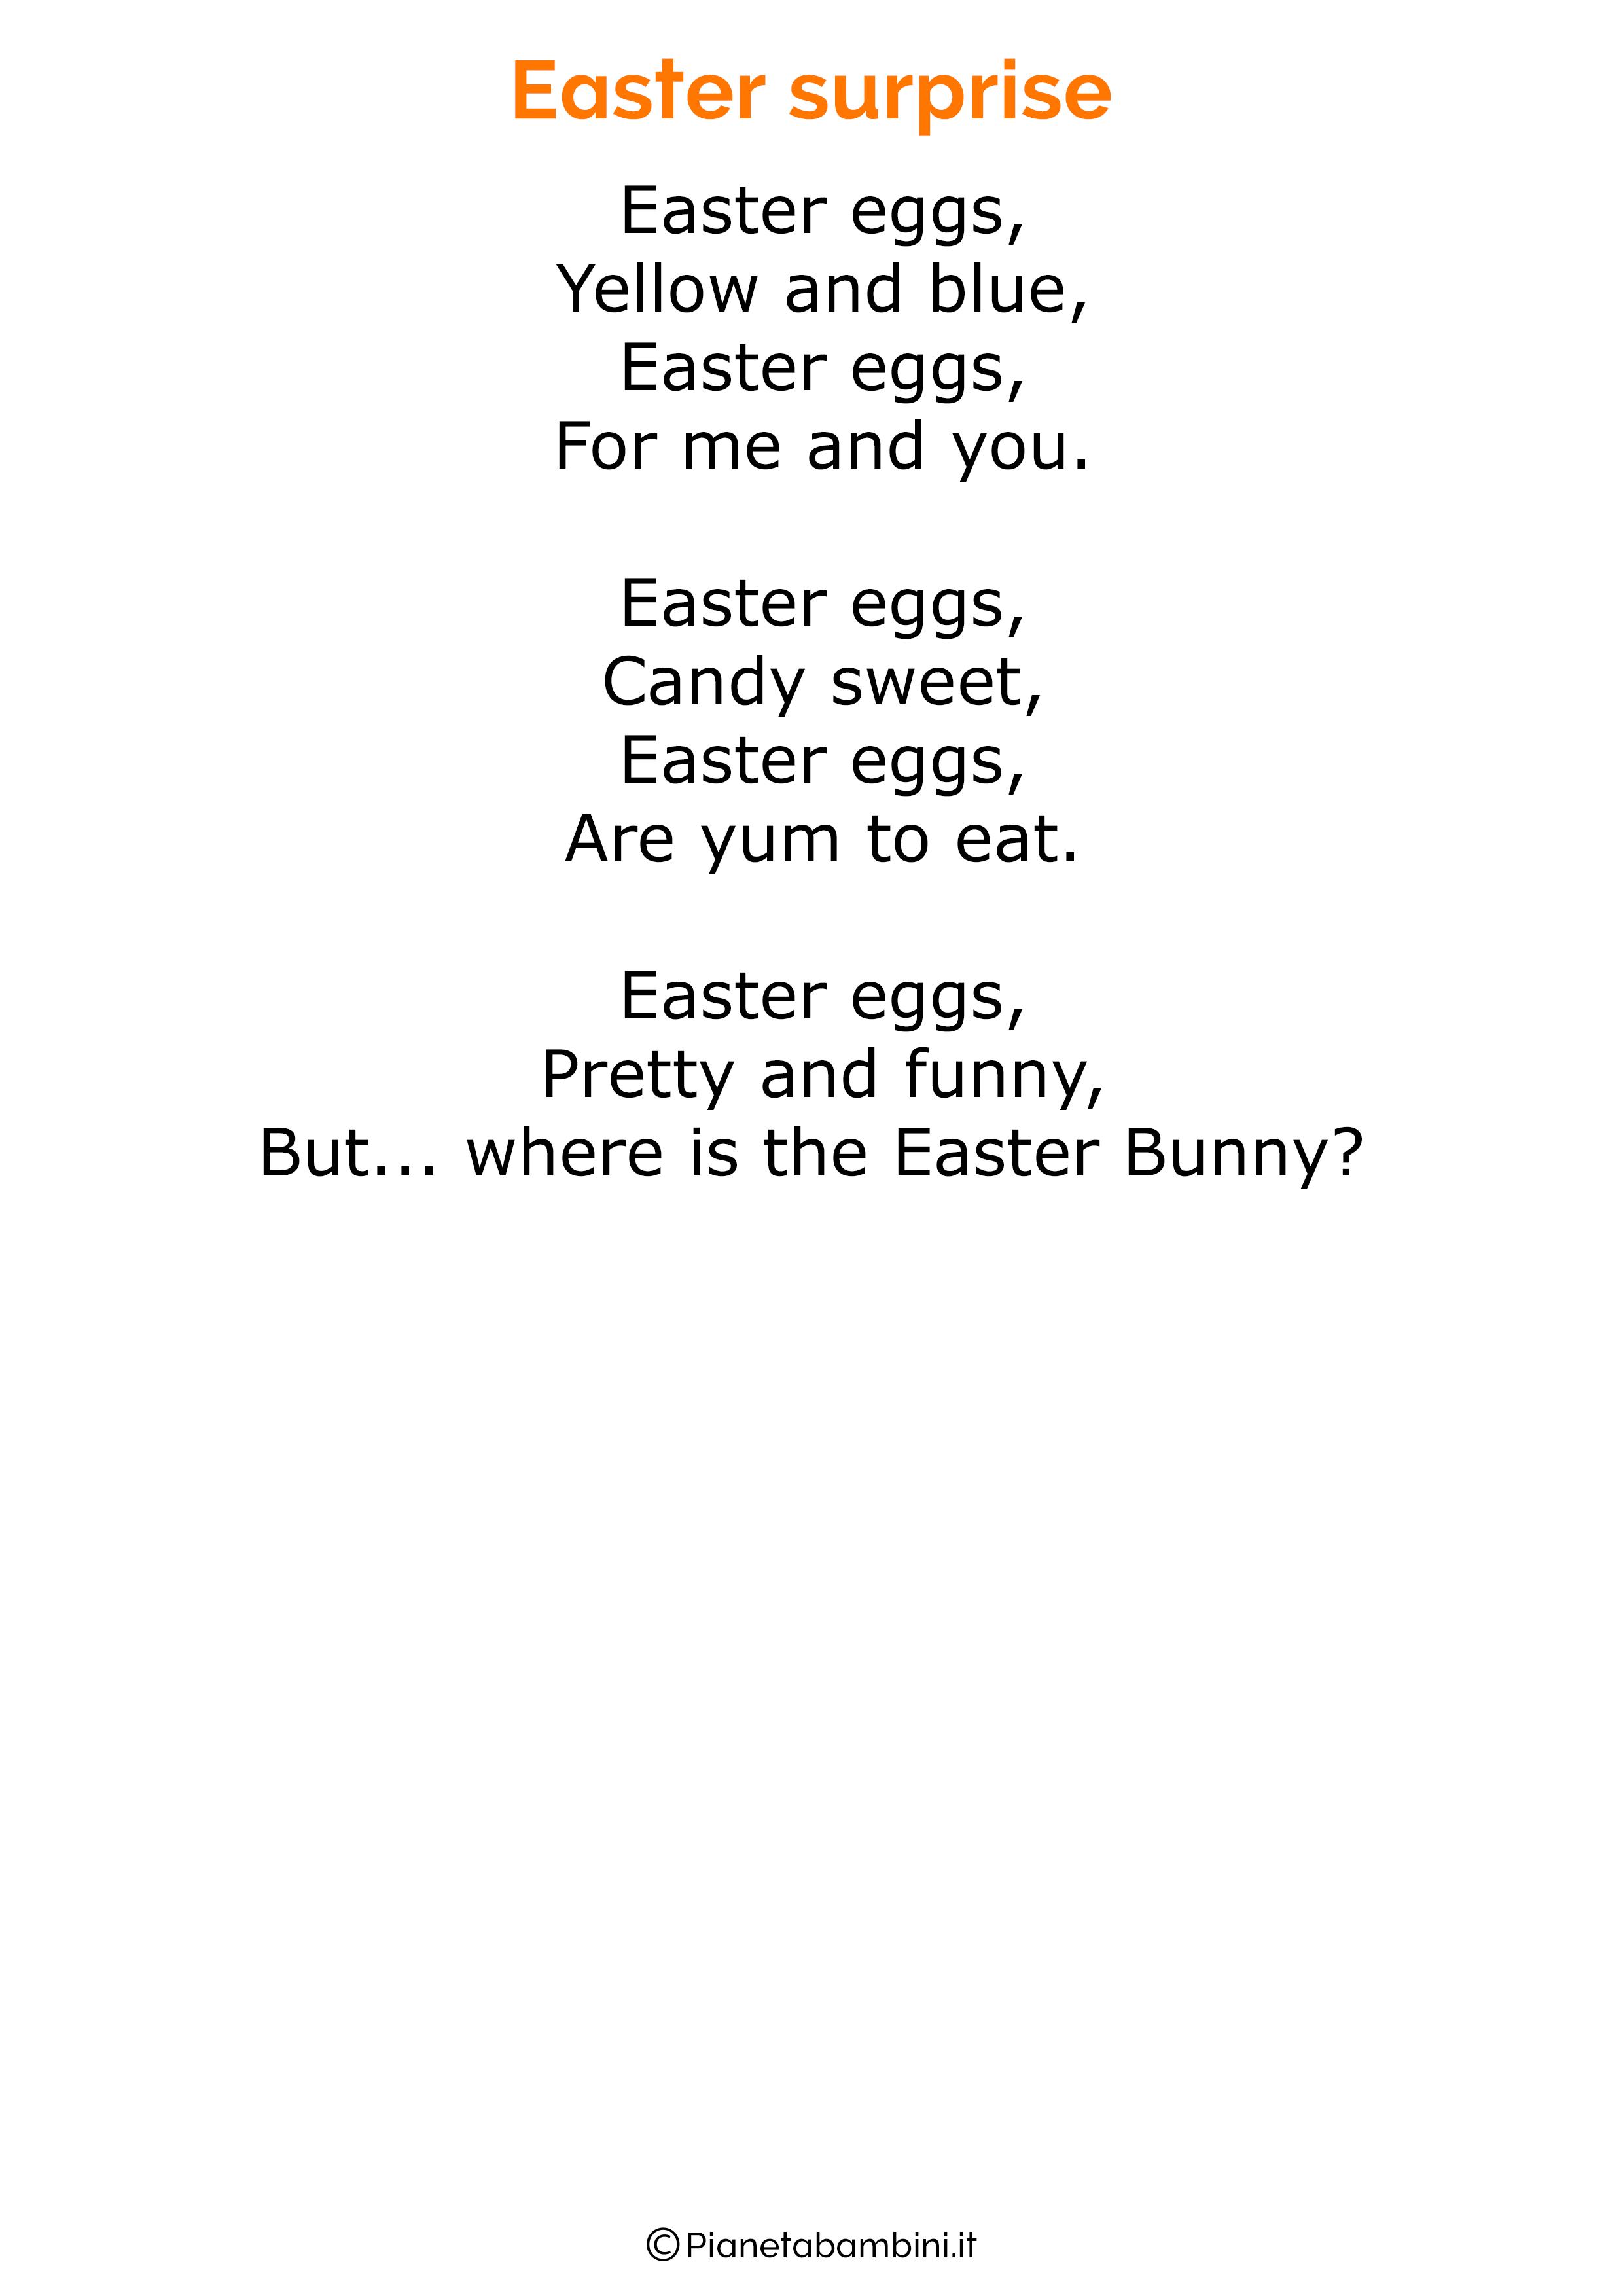 Imparare a recitare poesie è un ottimo esercizio di memoria! 30 Poesie Di Pasqua In Inglese Per Bambini Inglese Poesia Filastrocche